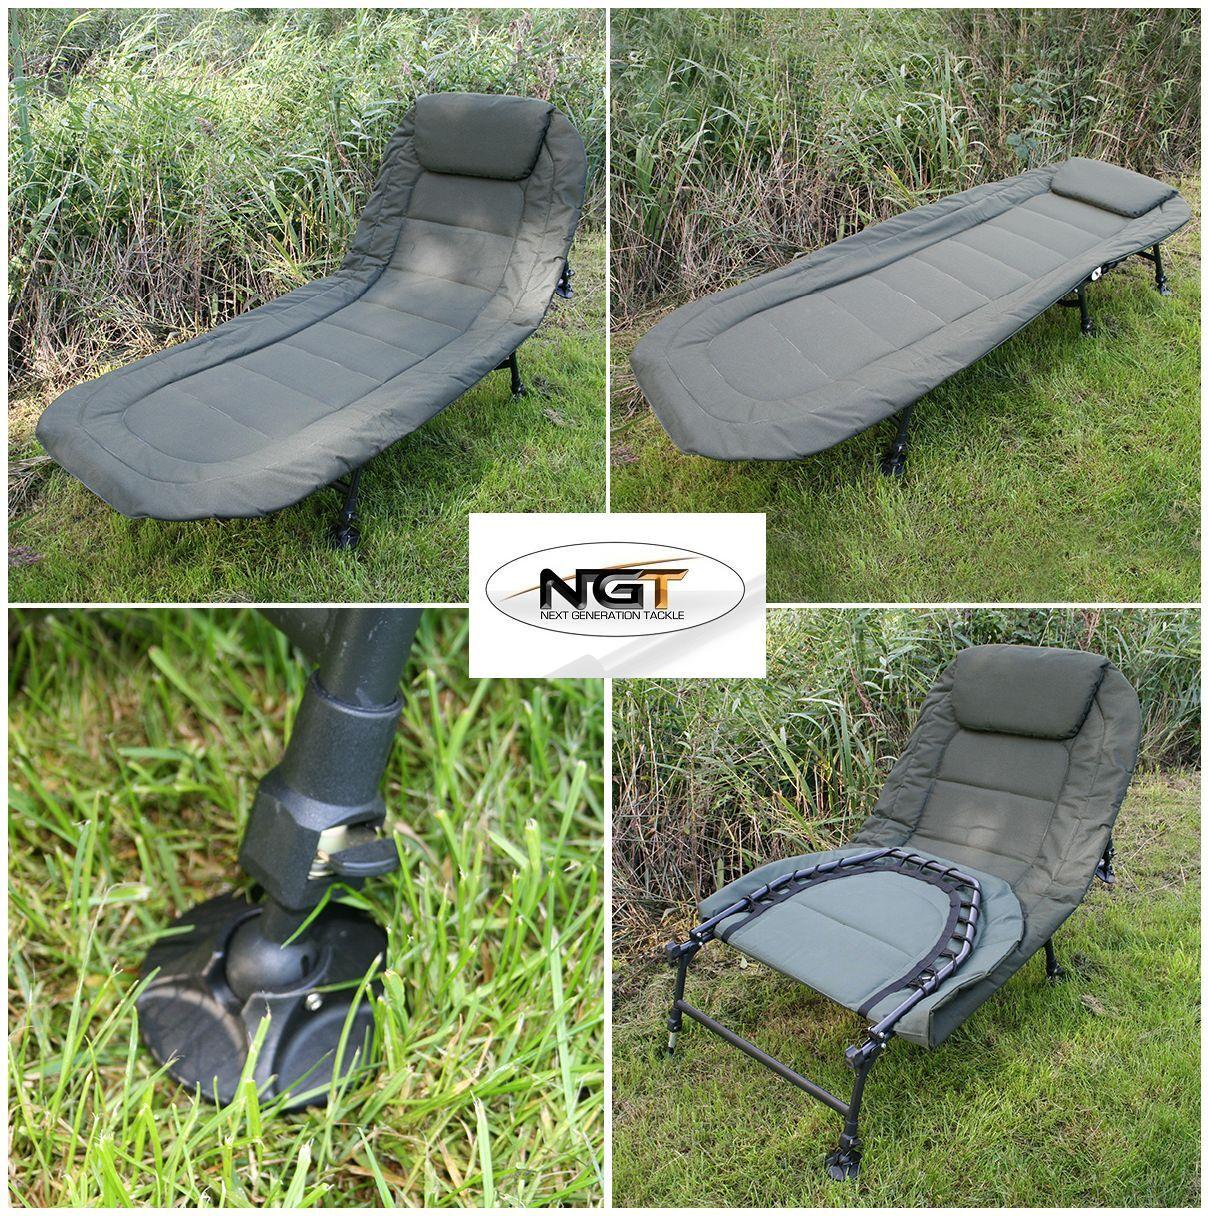 NGT Pesca De Carpa 6 Leg Reclinable Bedchair + Bolsa De Compresión Camo Sleeping Bag +